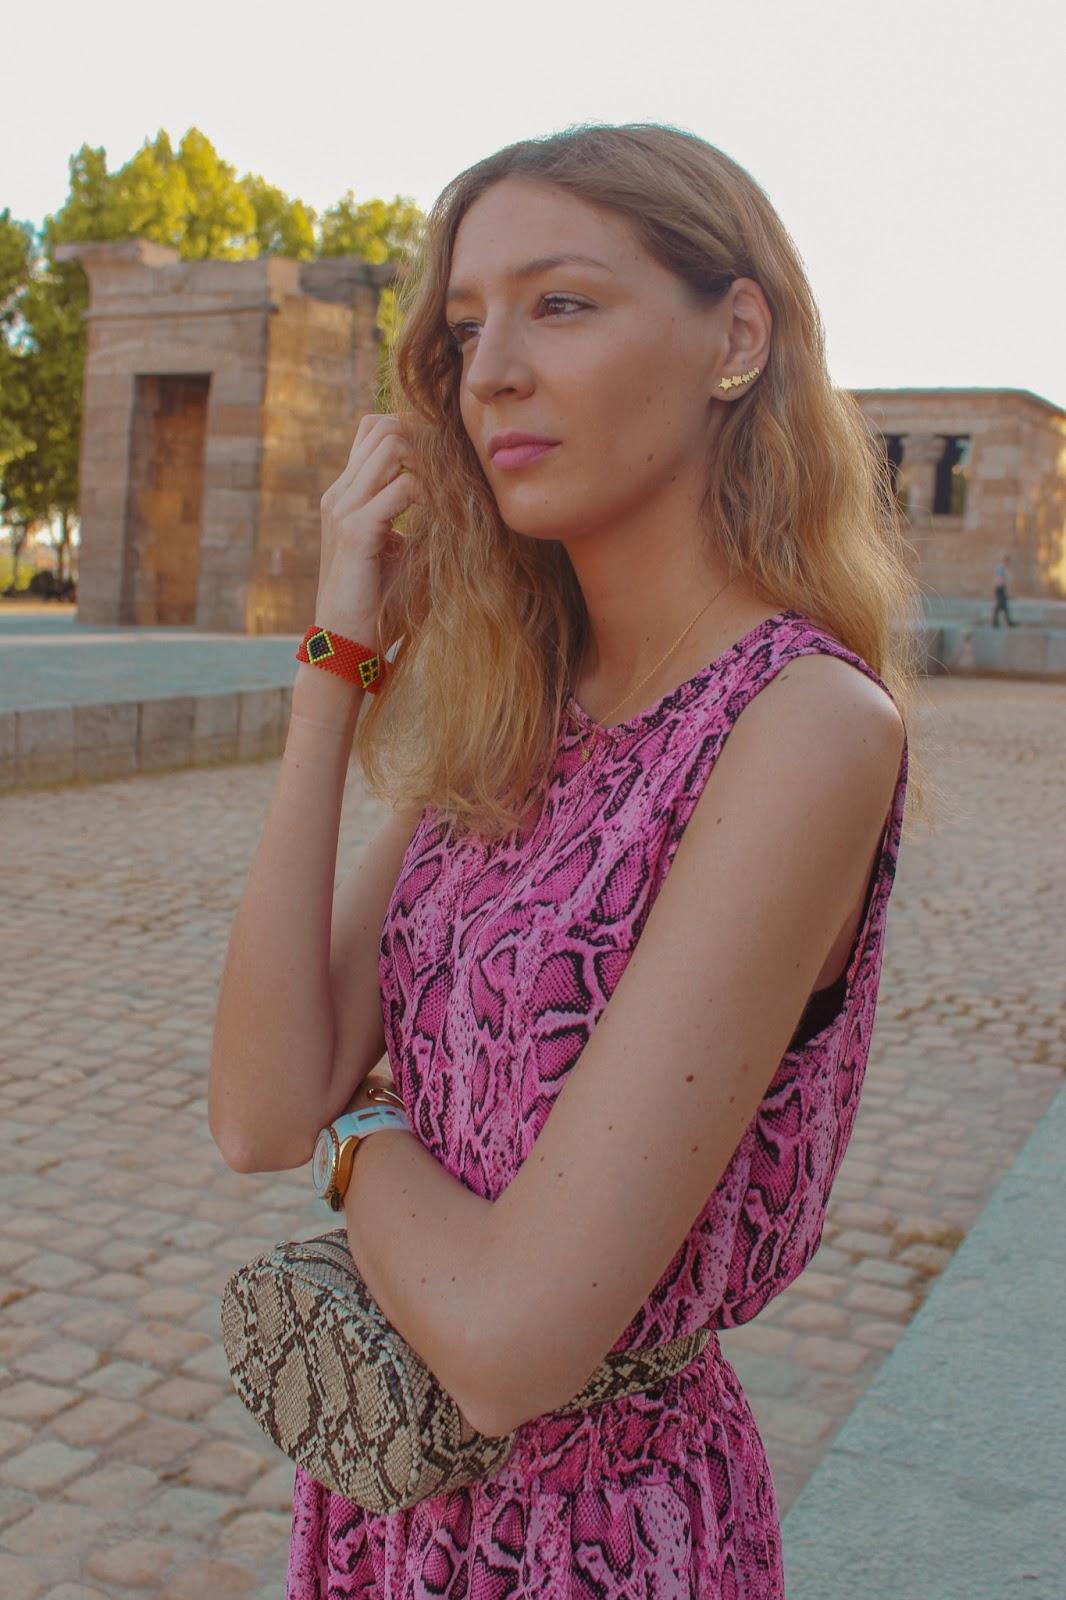 vestido-rosa-estampado-serpiente-riñonera-street-style